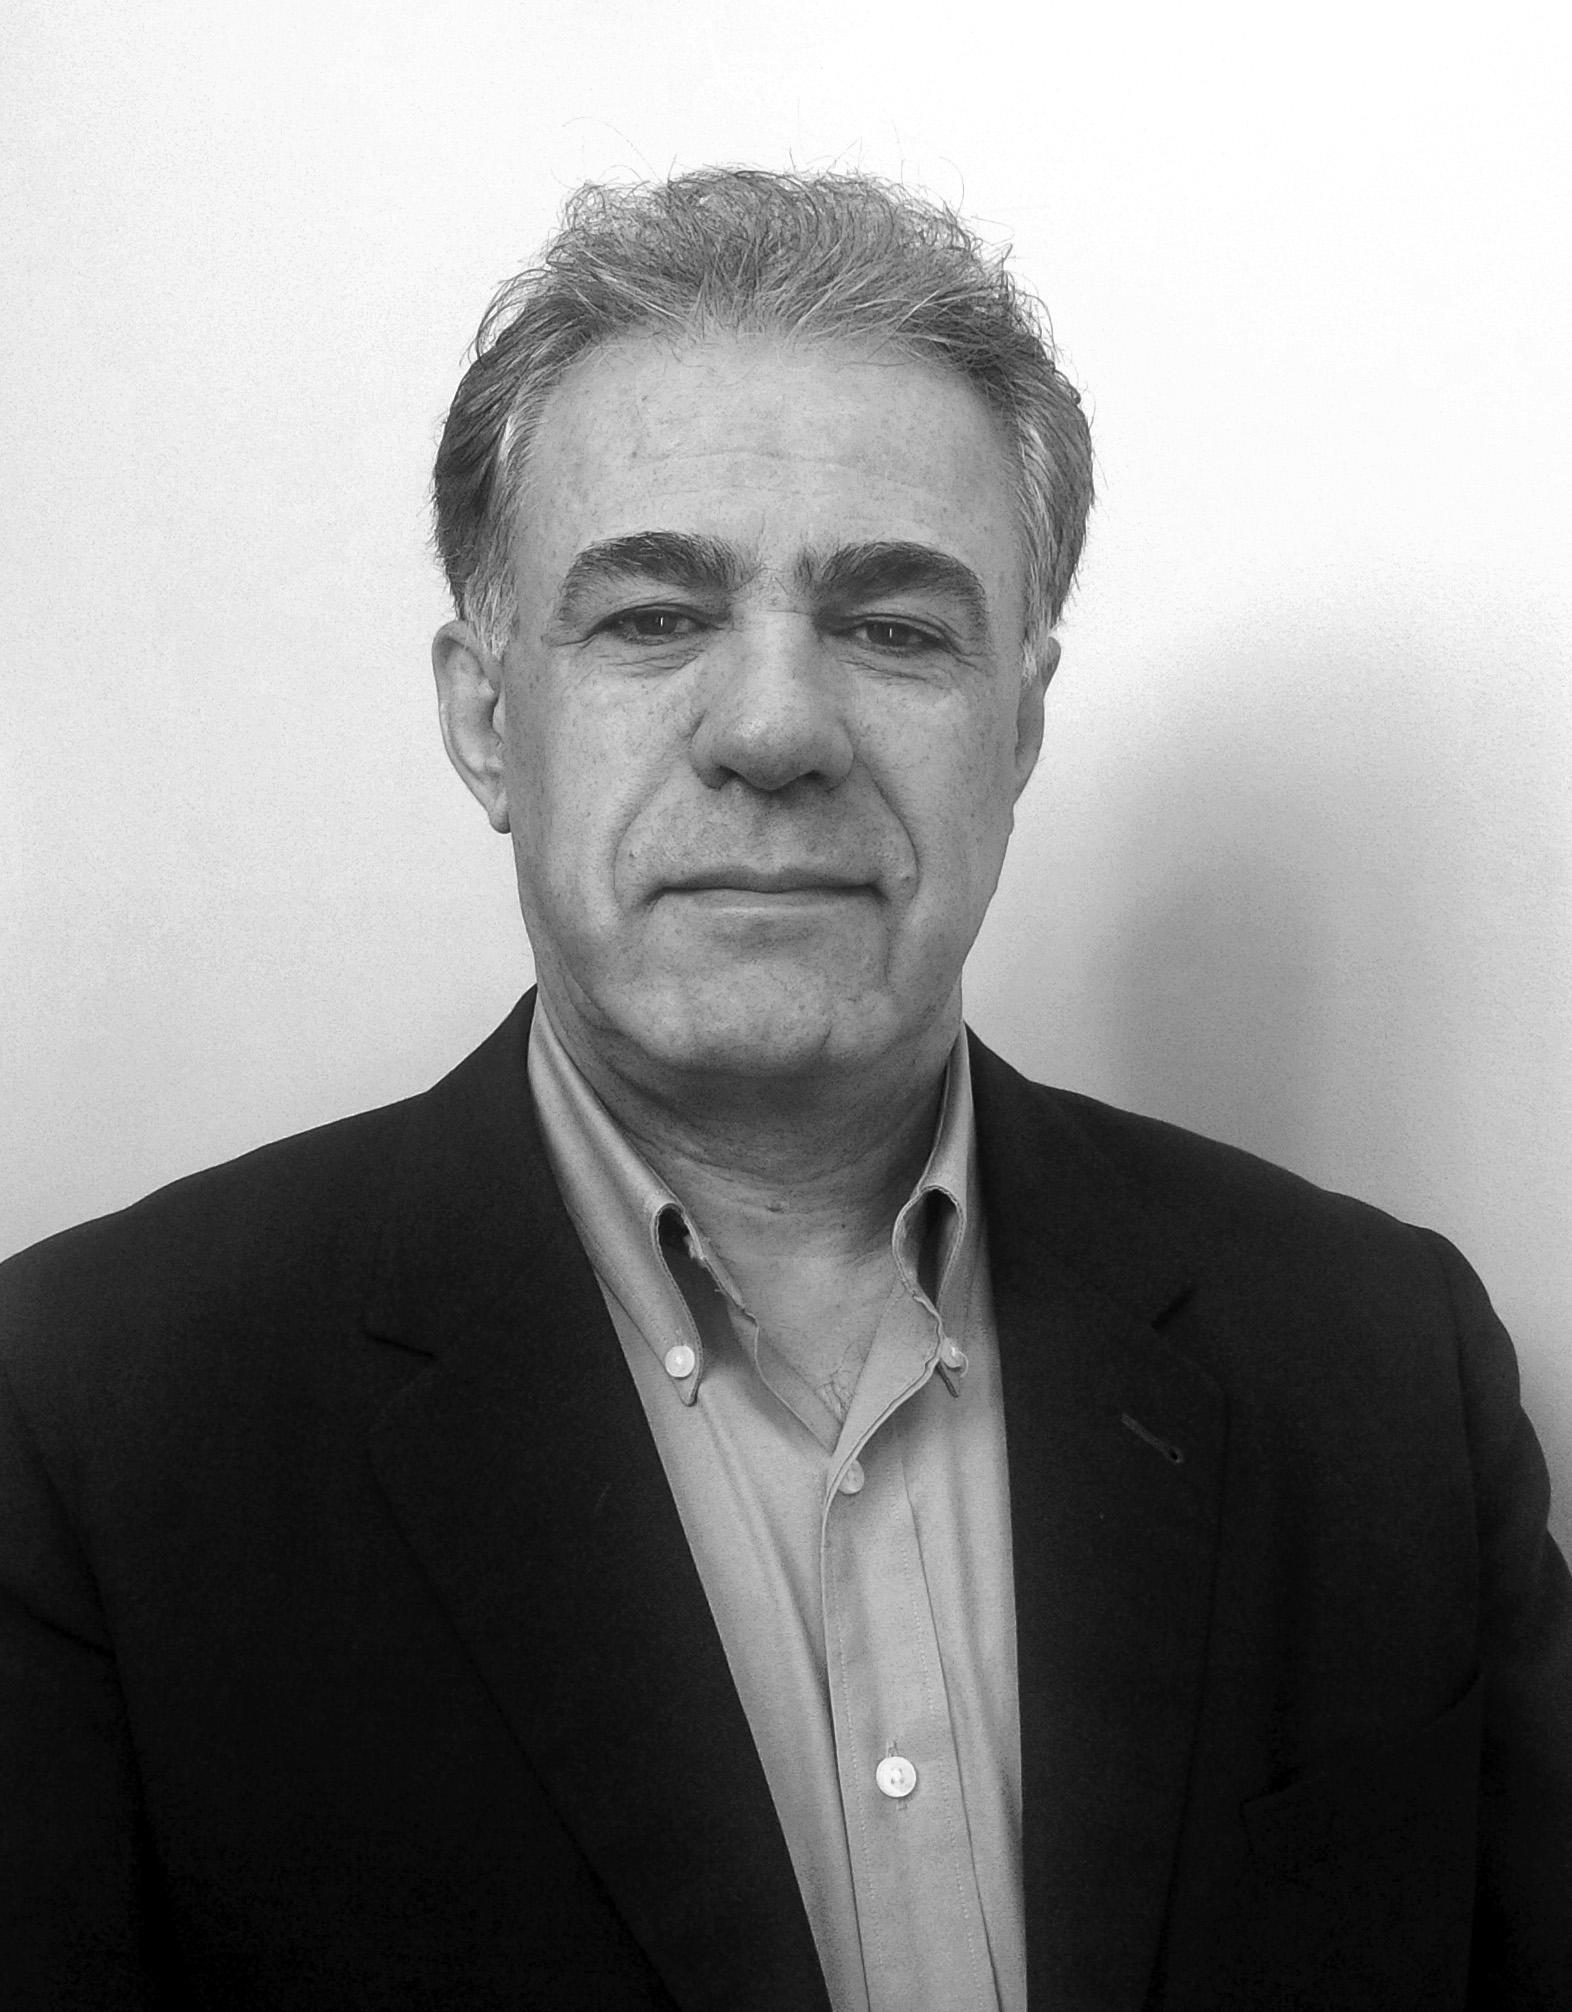 Hassan Savehilaghi